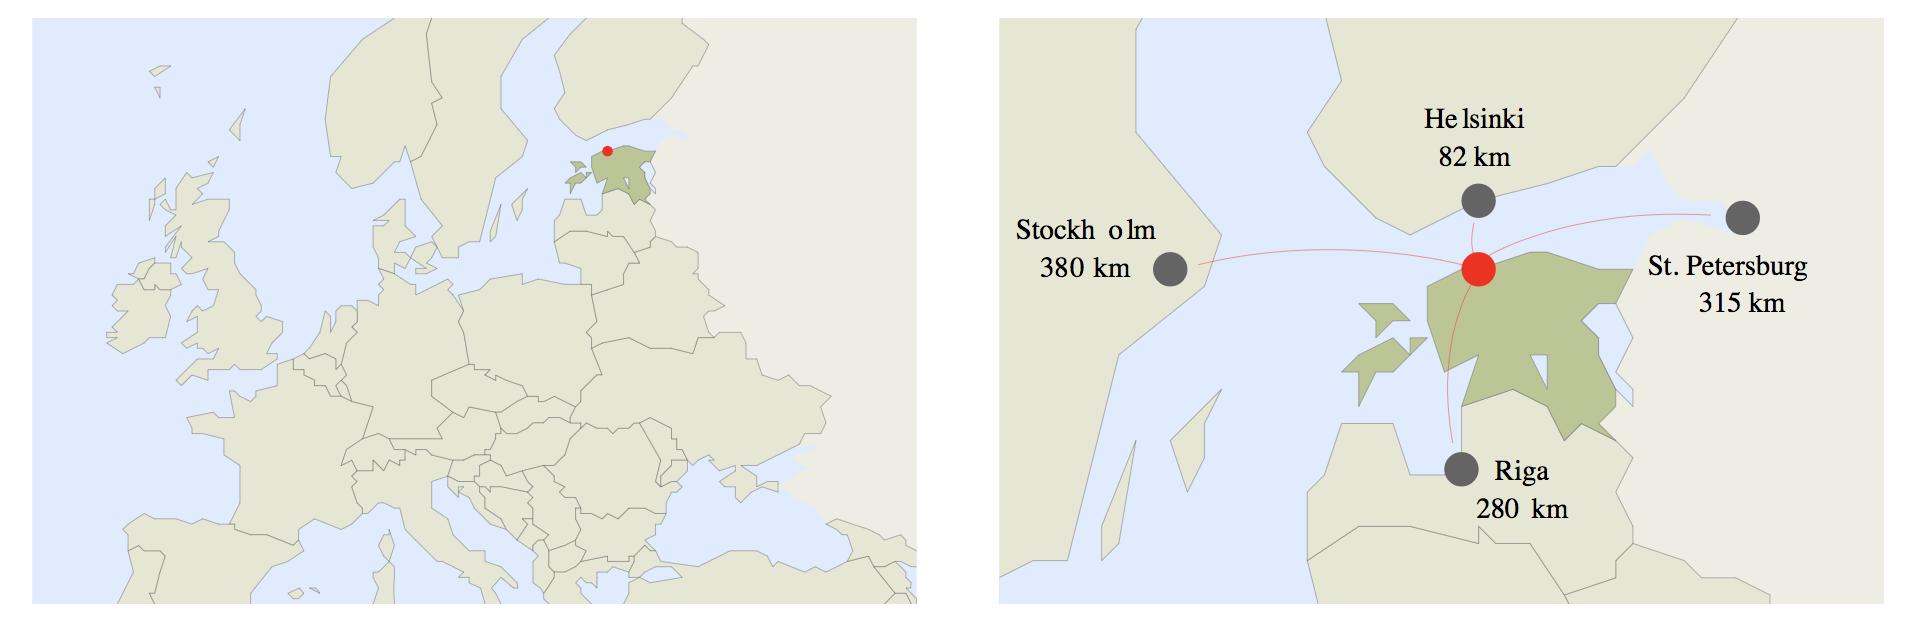 에스토니아의 지리적 위치 ⓒ비지트탈린